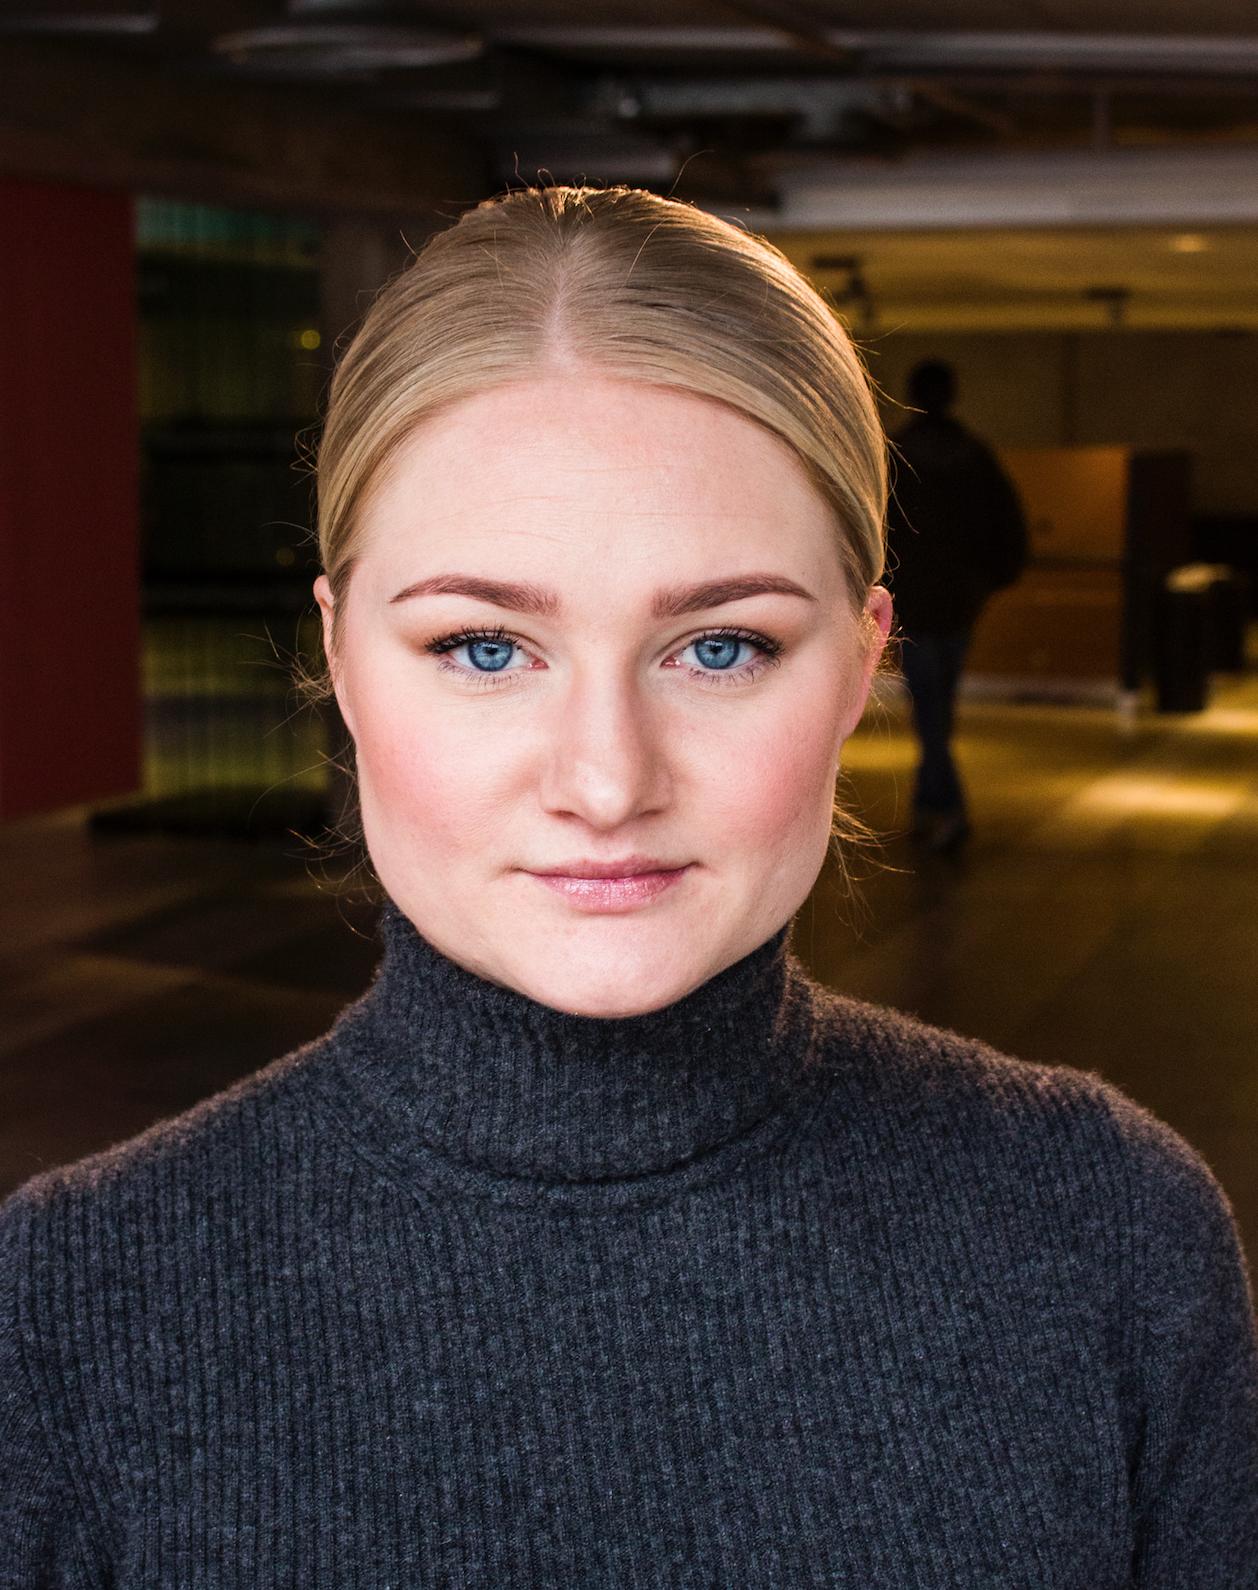 Ansiktsbild av Sofia Österlöf.